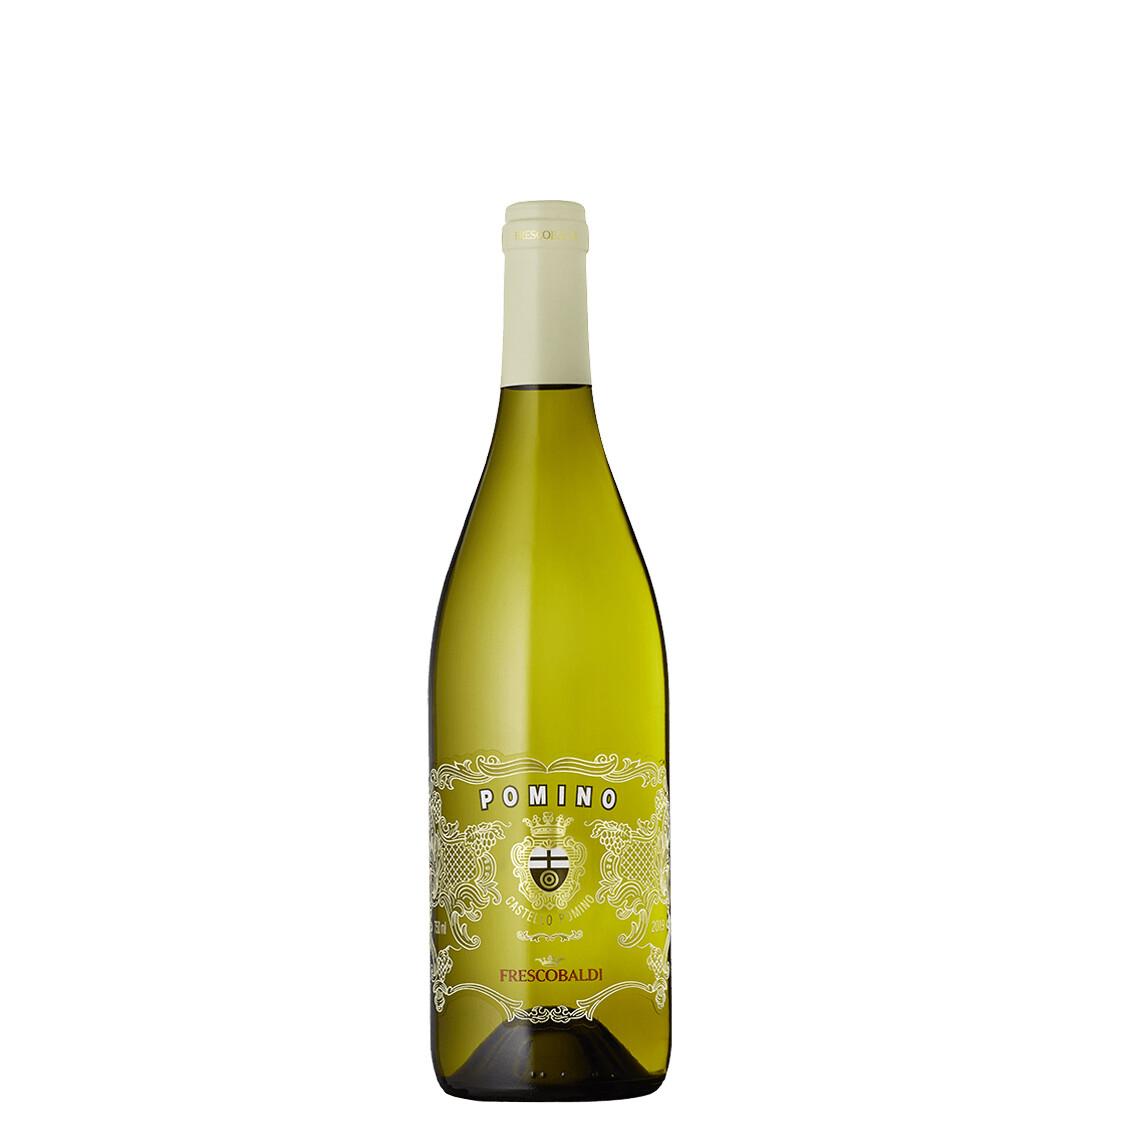 Pomino bianco DOC 2019 di Frescobaldi Vini